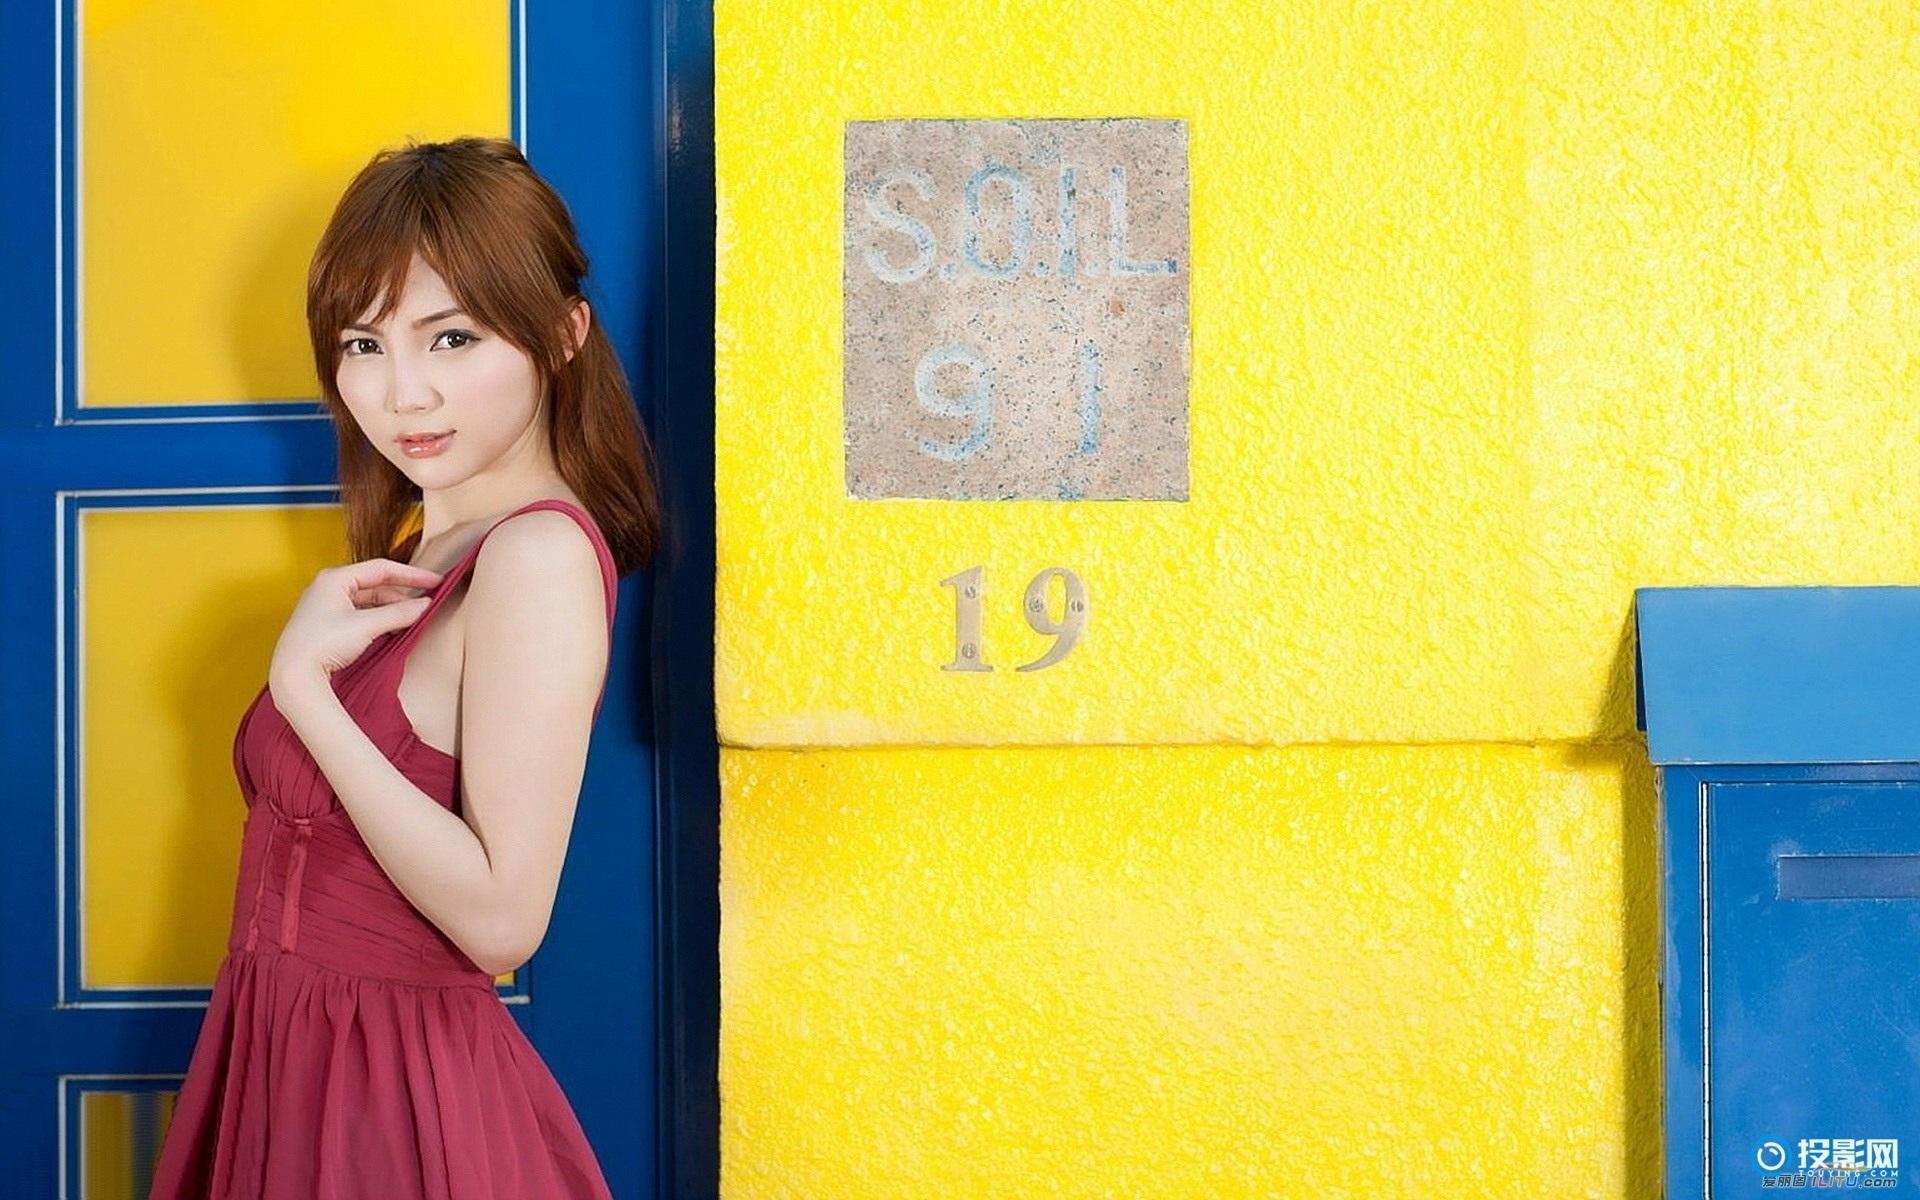 香港嫩模许丽燕壁纸  15P